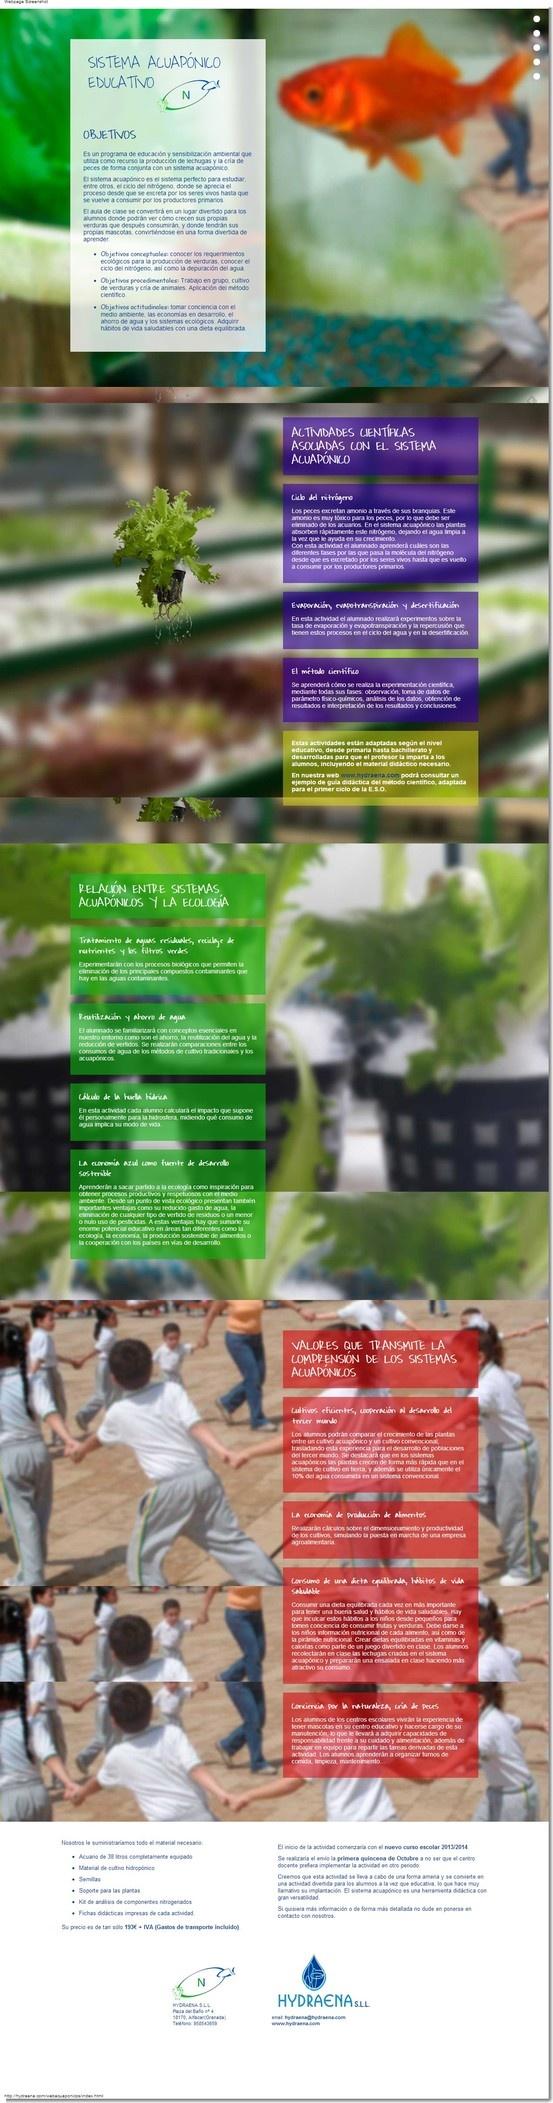 Junio 2013 - Web informativa de los Sistemas Acuapónicos Educativos ideados por Hydraena (http://hydraena.com/webacuaponicos/index.html). Realizada con el efecto parallax.